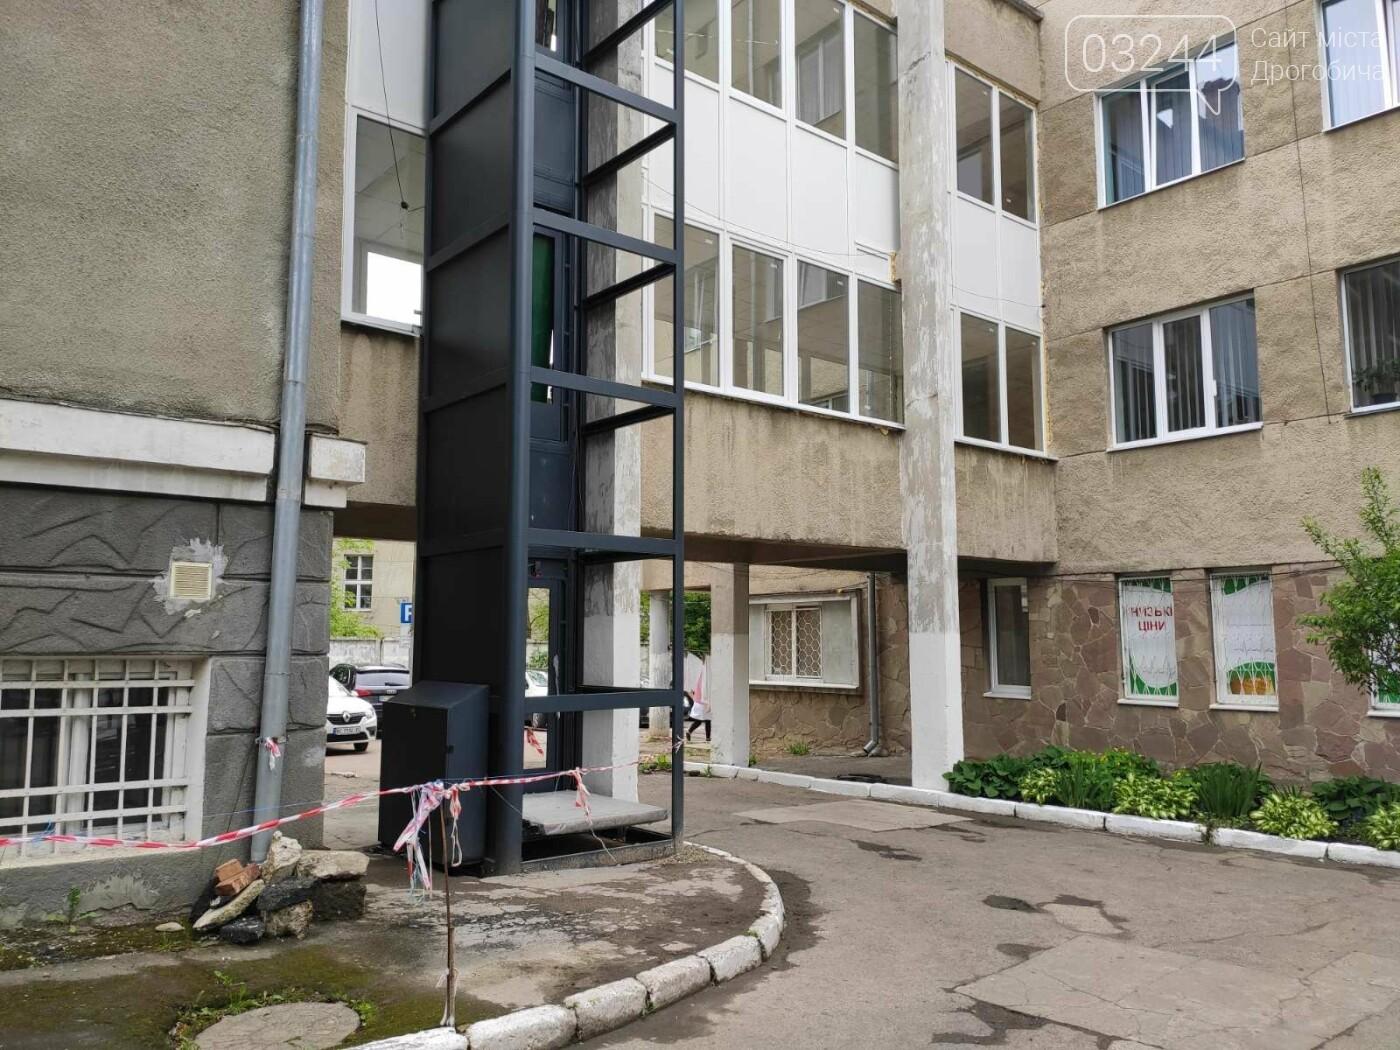 Осучаснюють: КНП «Дрогобицька поліклініка» встановлює зовнішній ліфт для маломобільних груп населення, фото-3